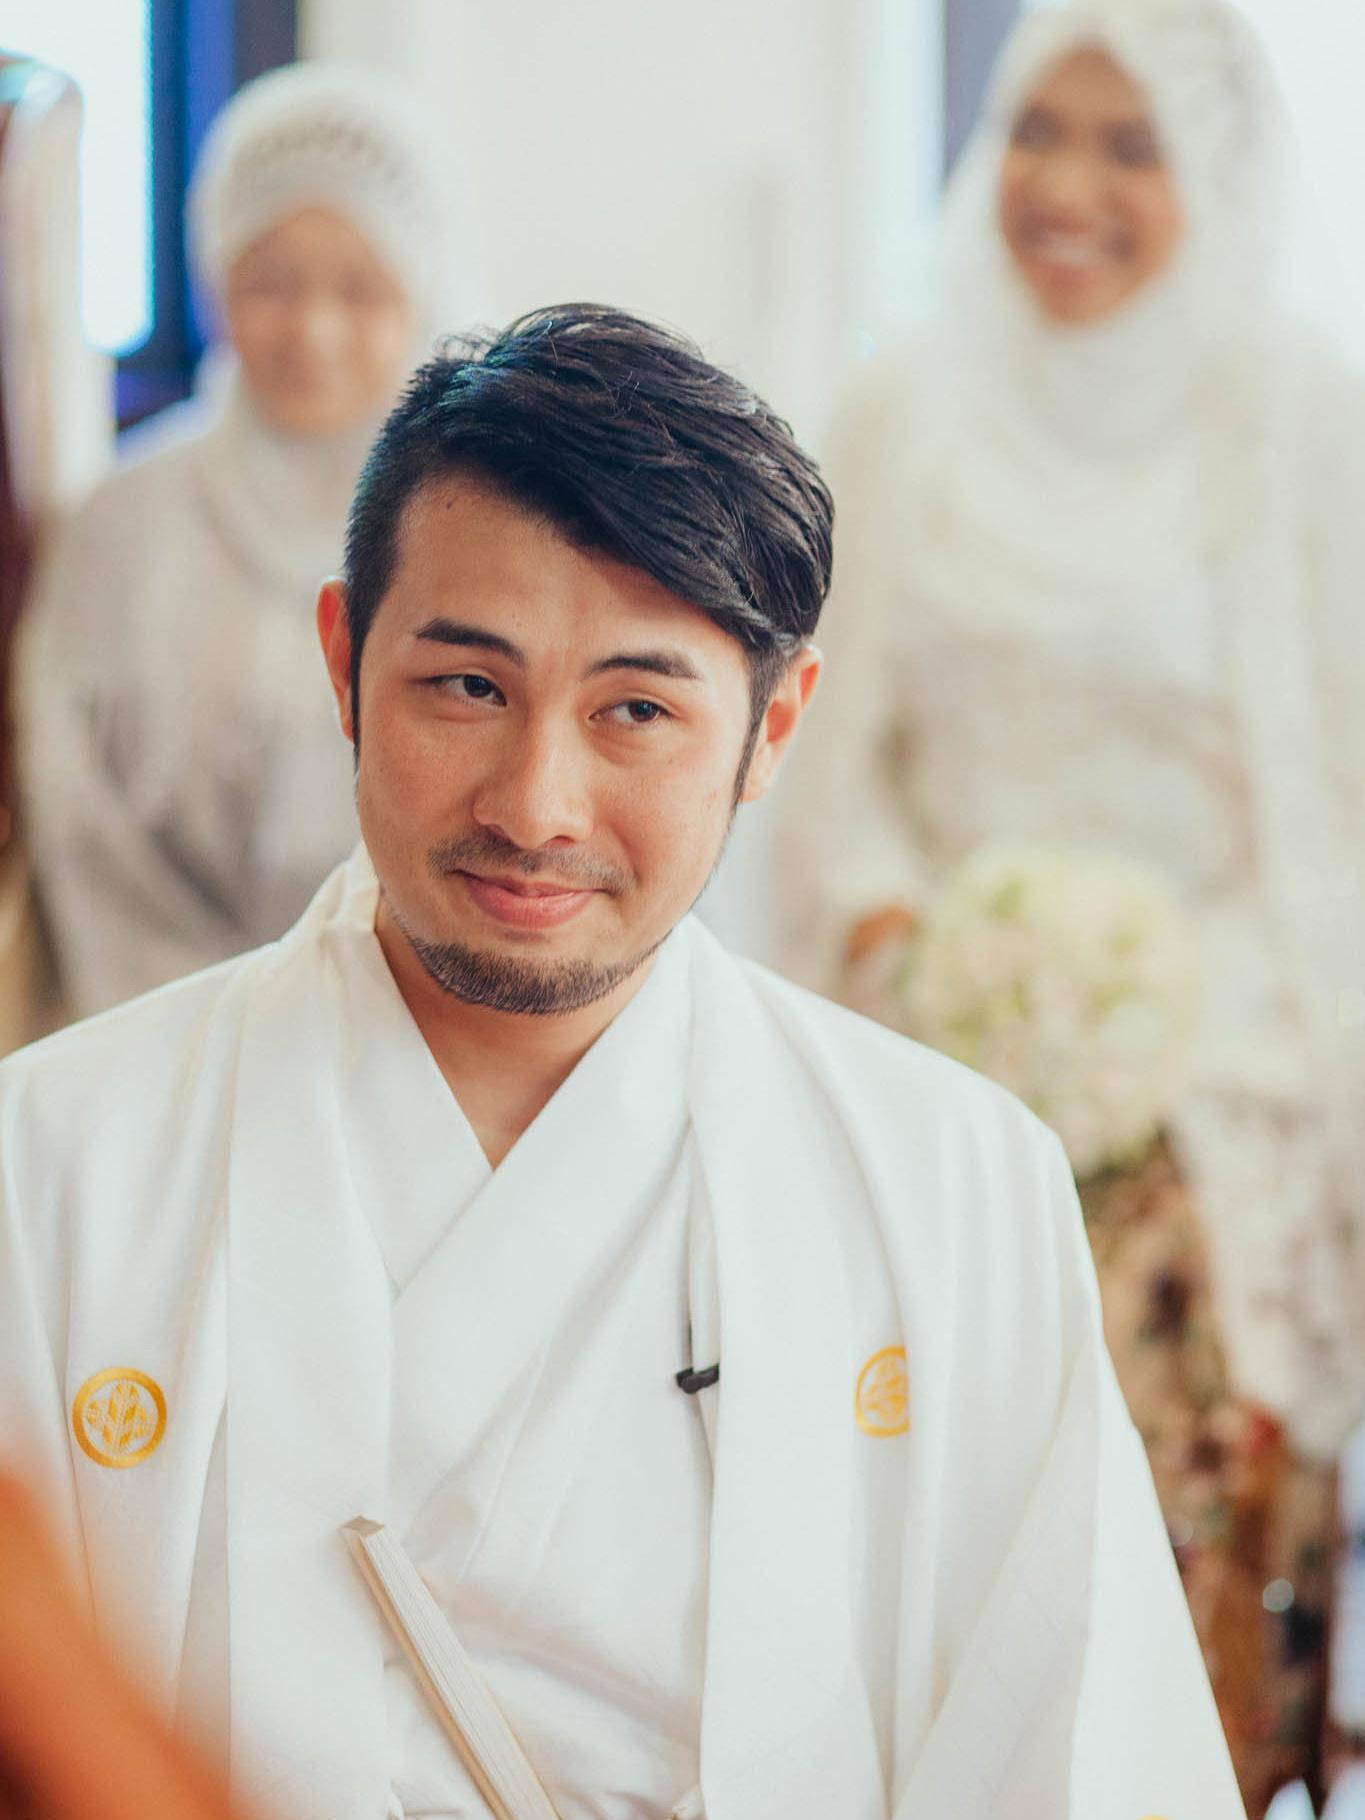 singapore-wedding-photographer-travel-wemadethese-atara-hafizah-15.jpg